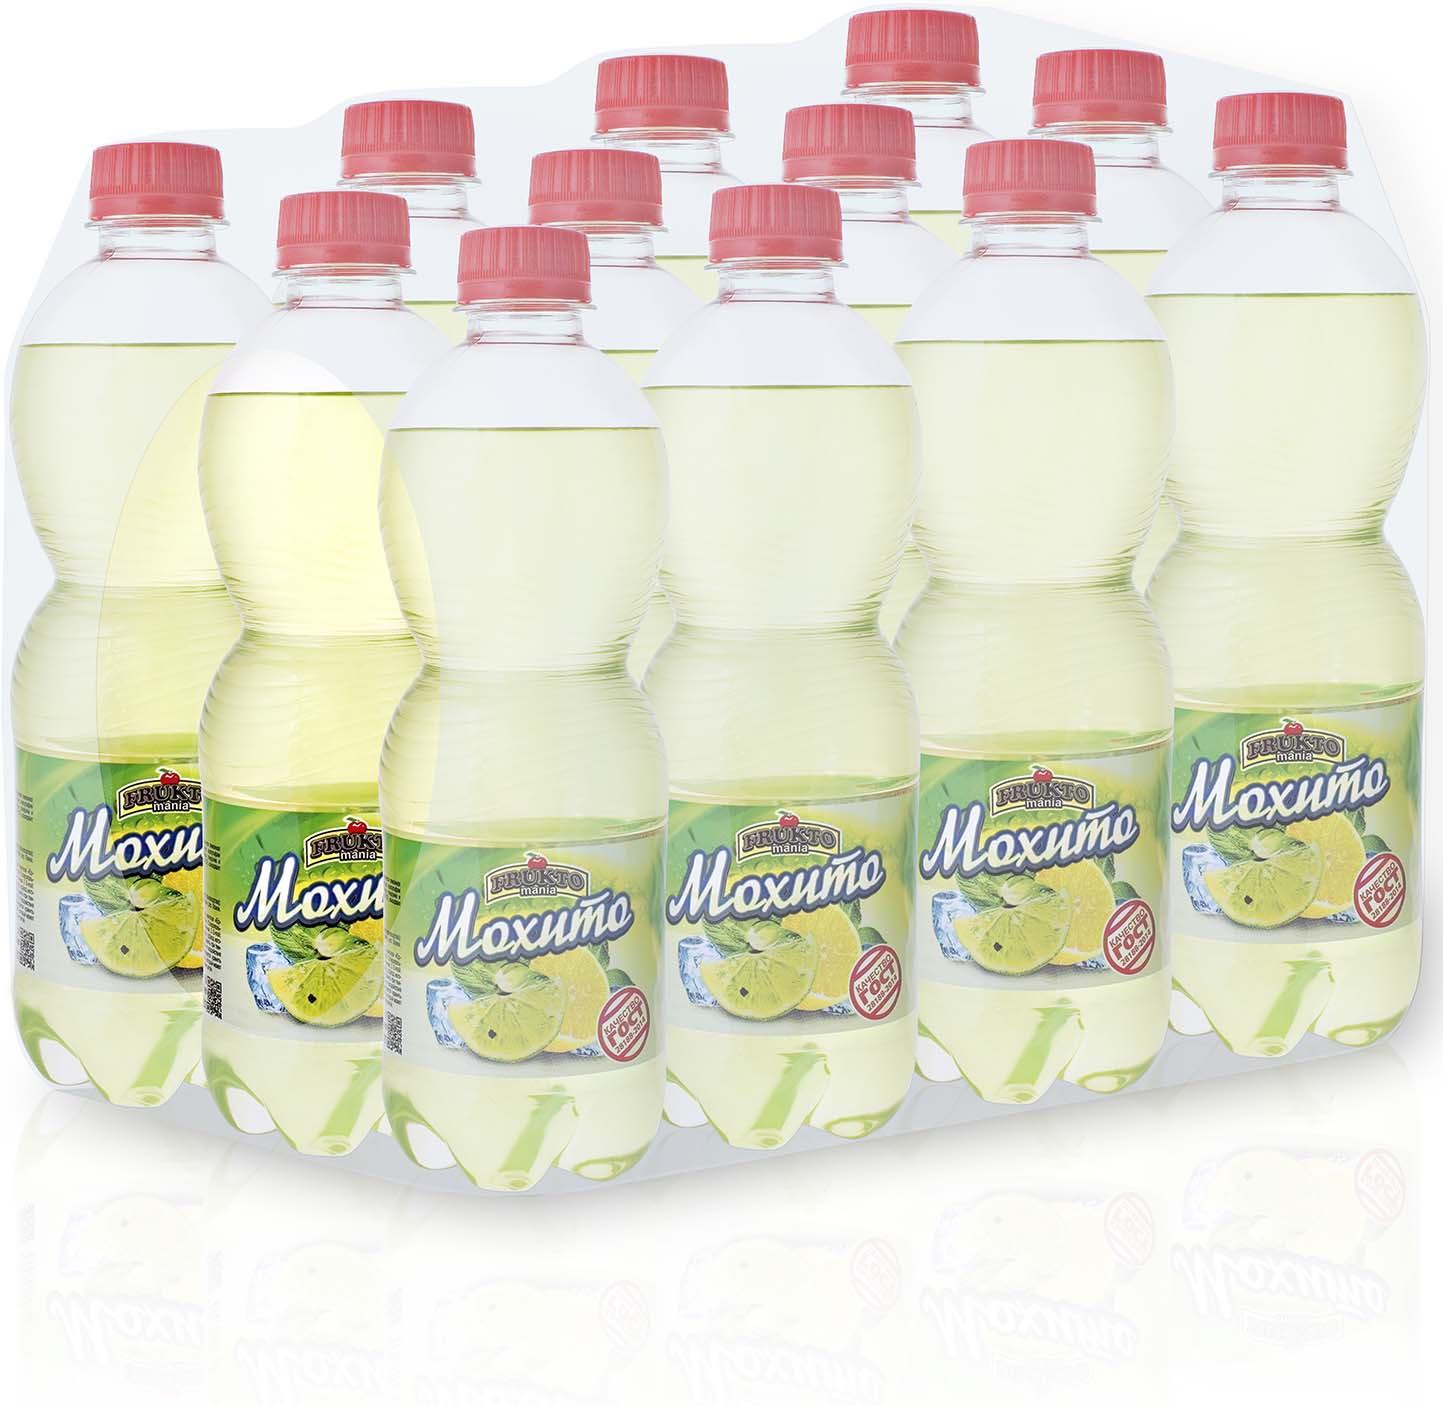 Лимонад Fruktomania, мохито, 12 шт по 0,5 л лимонад fruktomania дюшес 12 шт по 0 5 л